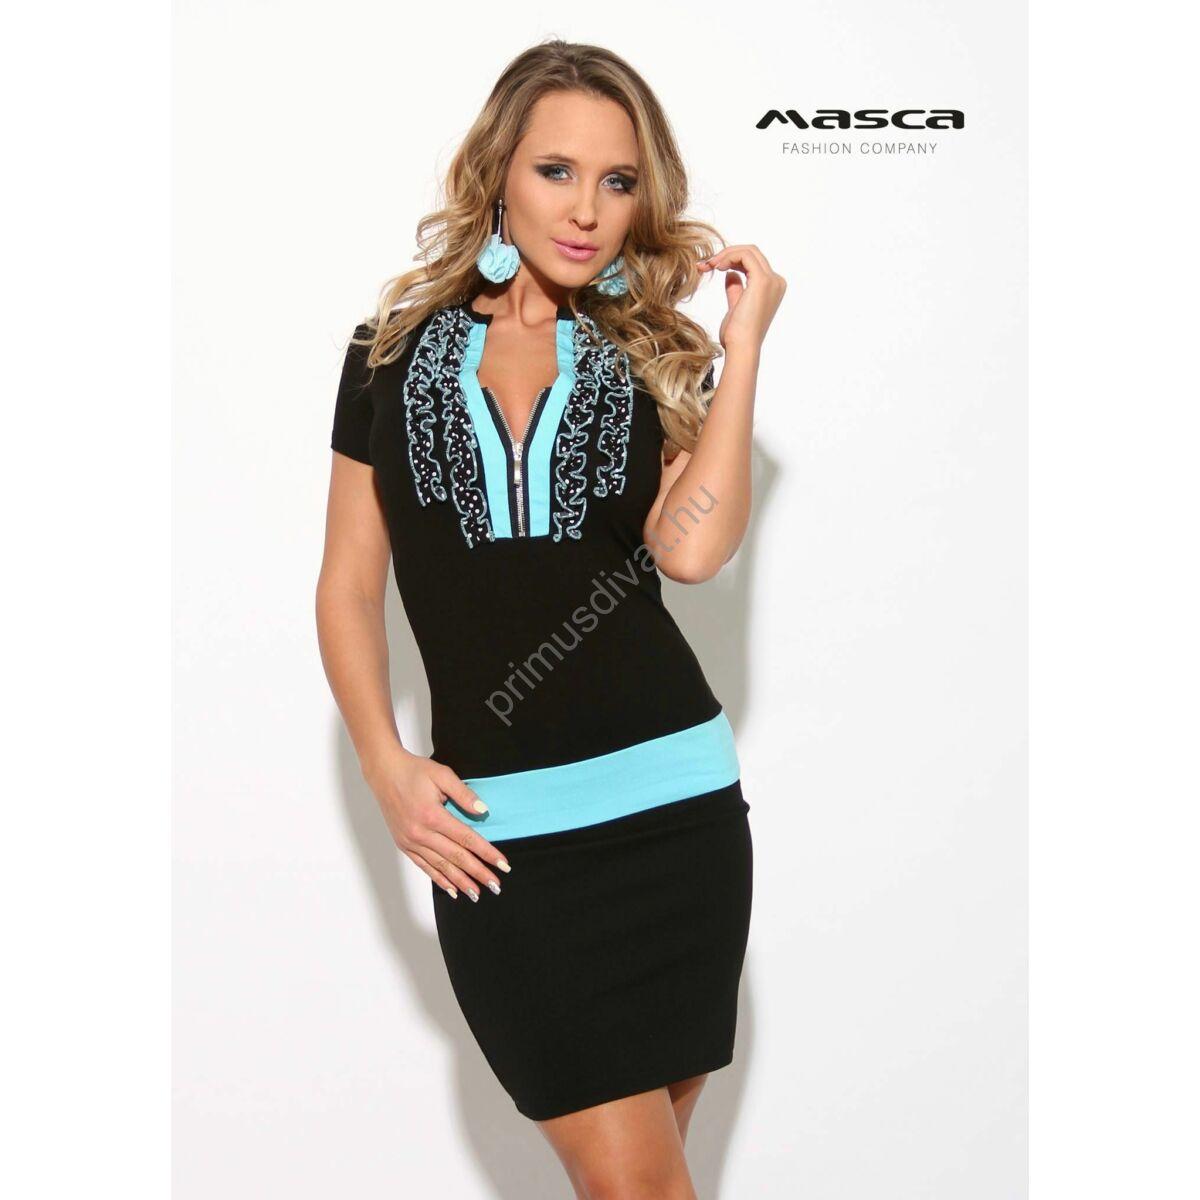 8b20309740 Kép 1/1 - Masca Fashion világoskék tűzésű fodorszegélyes, cipzáras  dekoltázsú fekete rövid ujjú miniruha